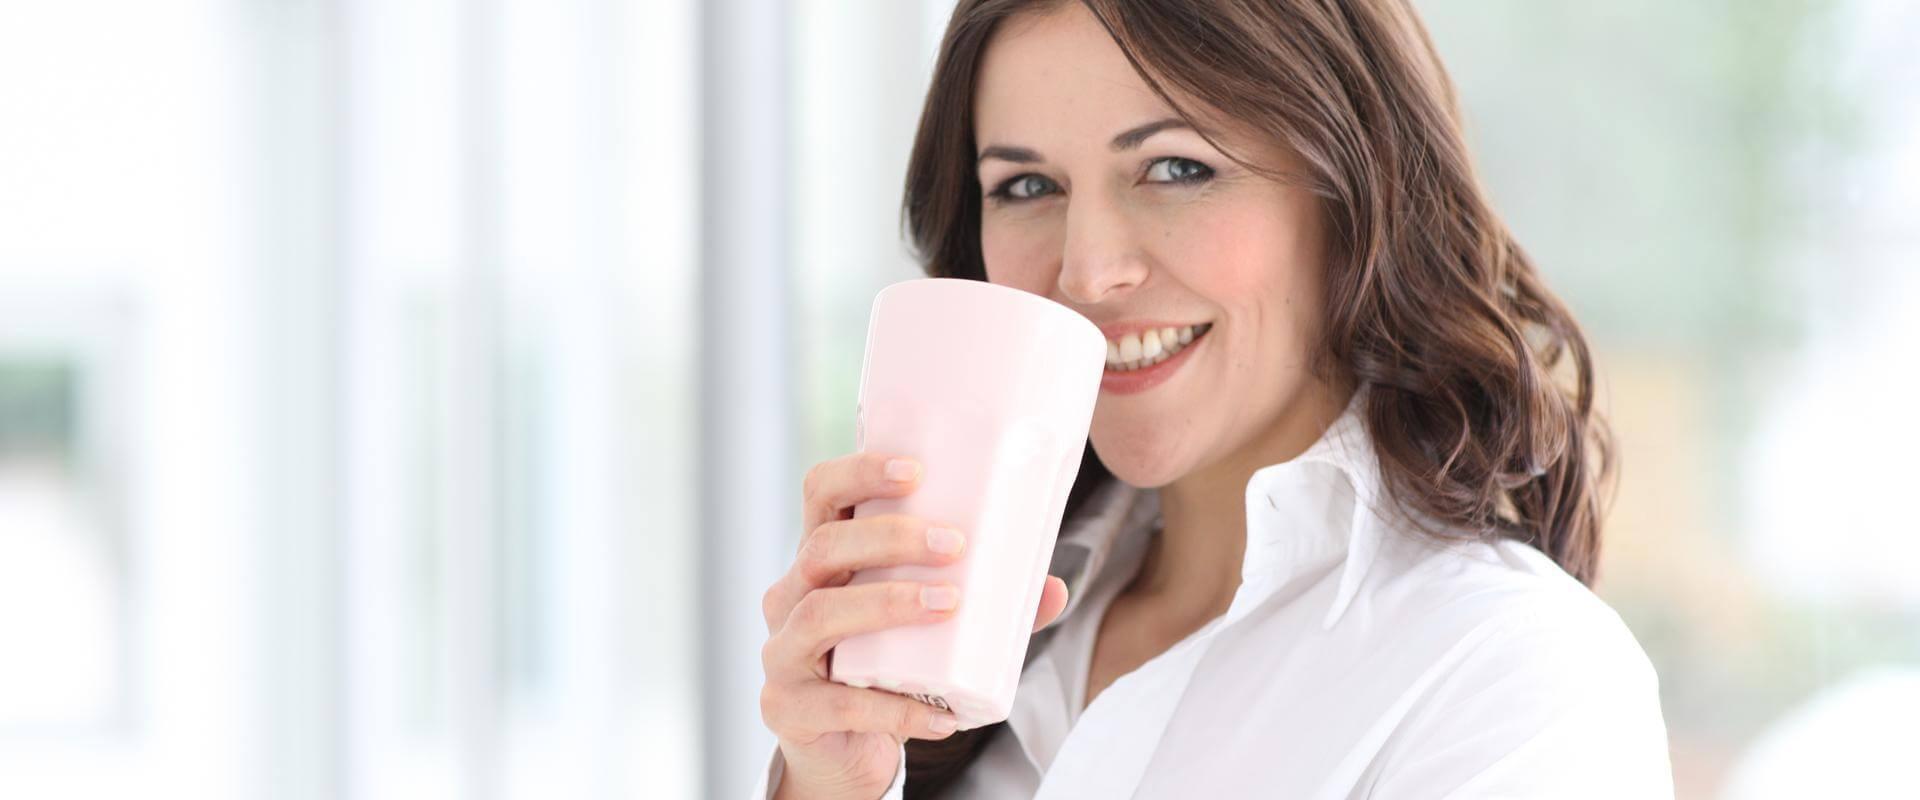 Patientin trinkt Kaffee in der MEDIAN Klinik am Park Bad Oeynhausen